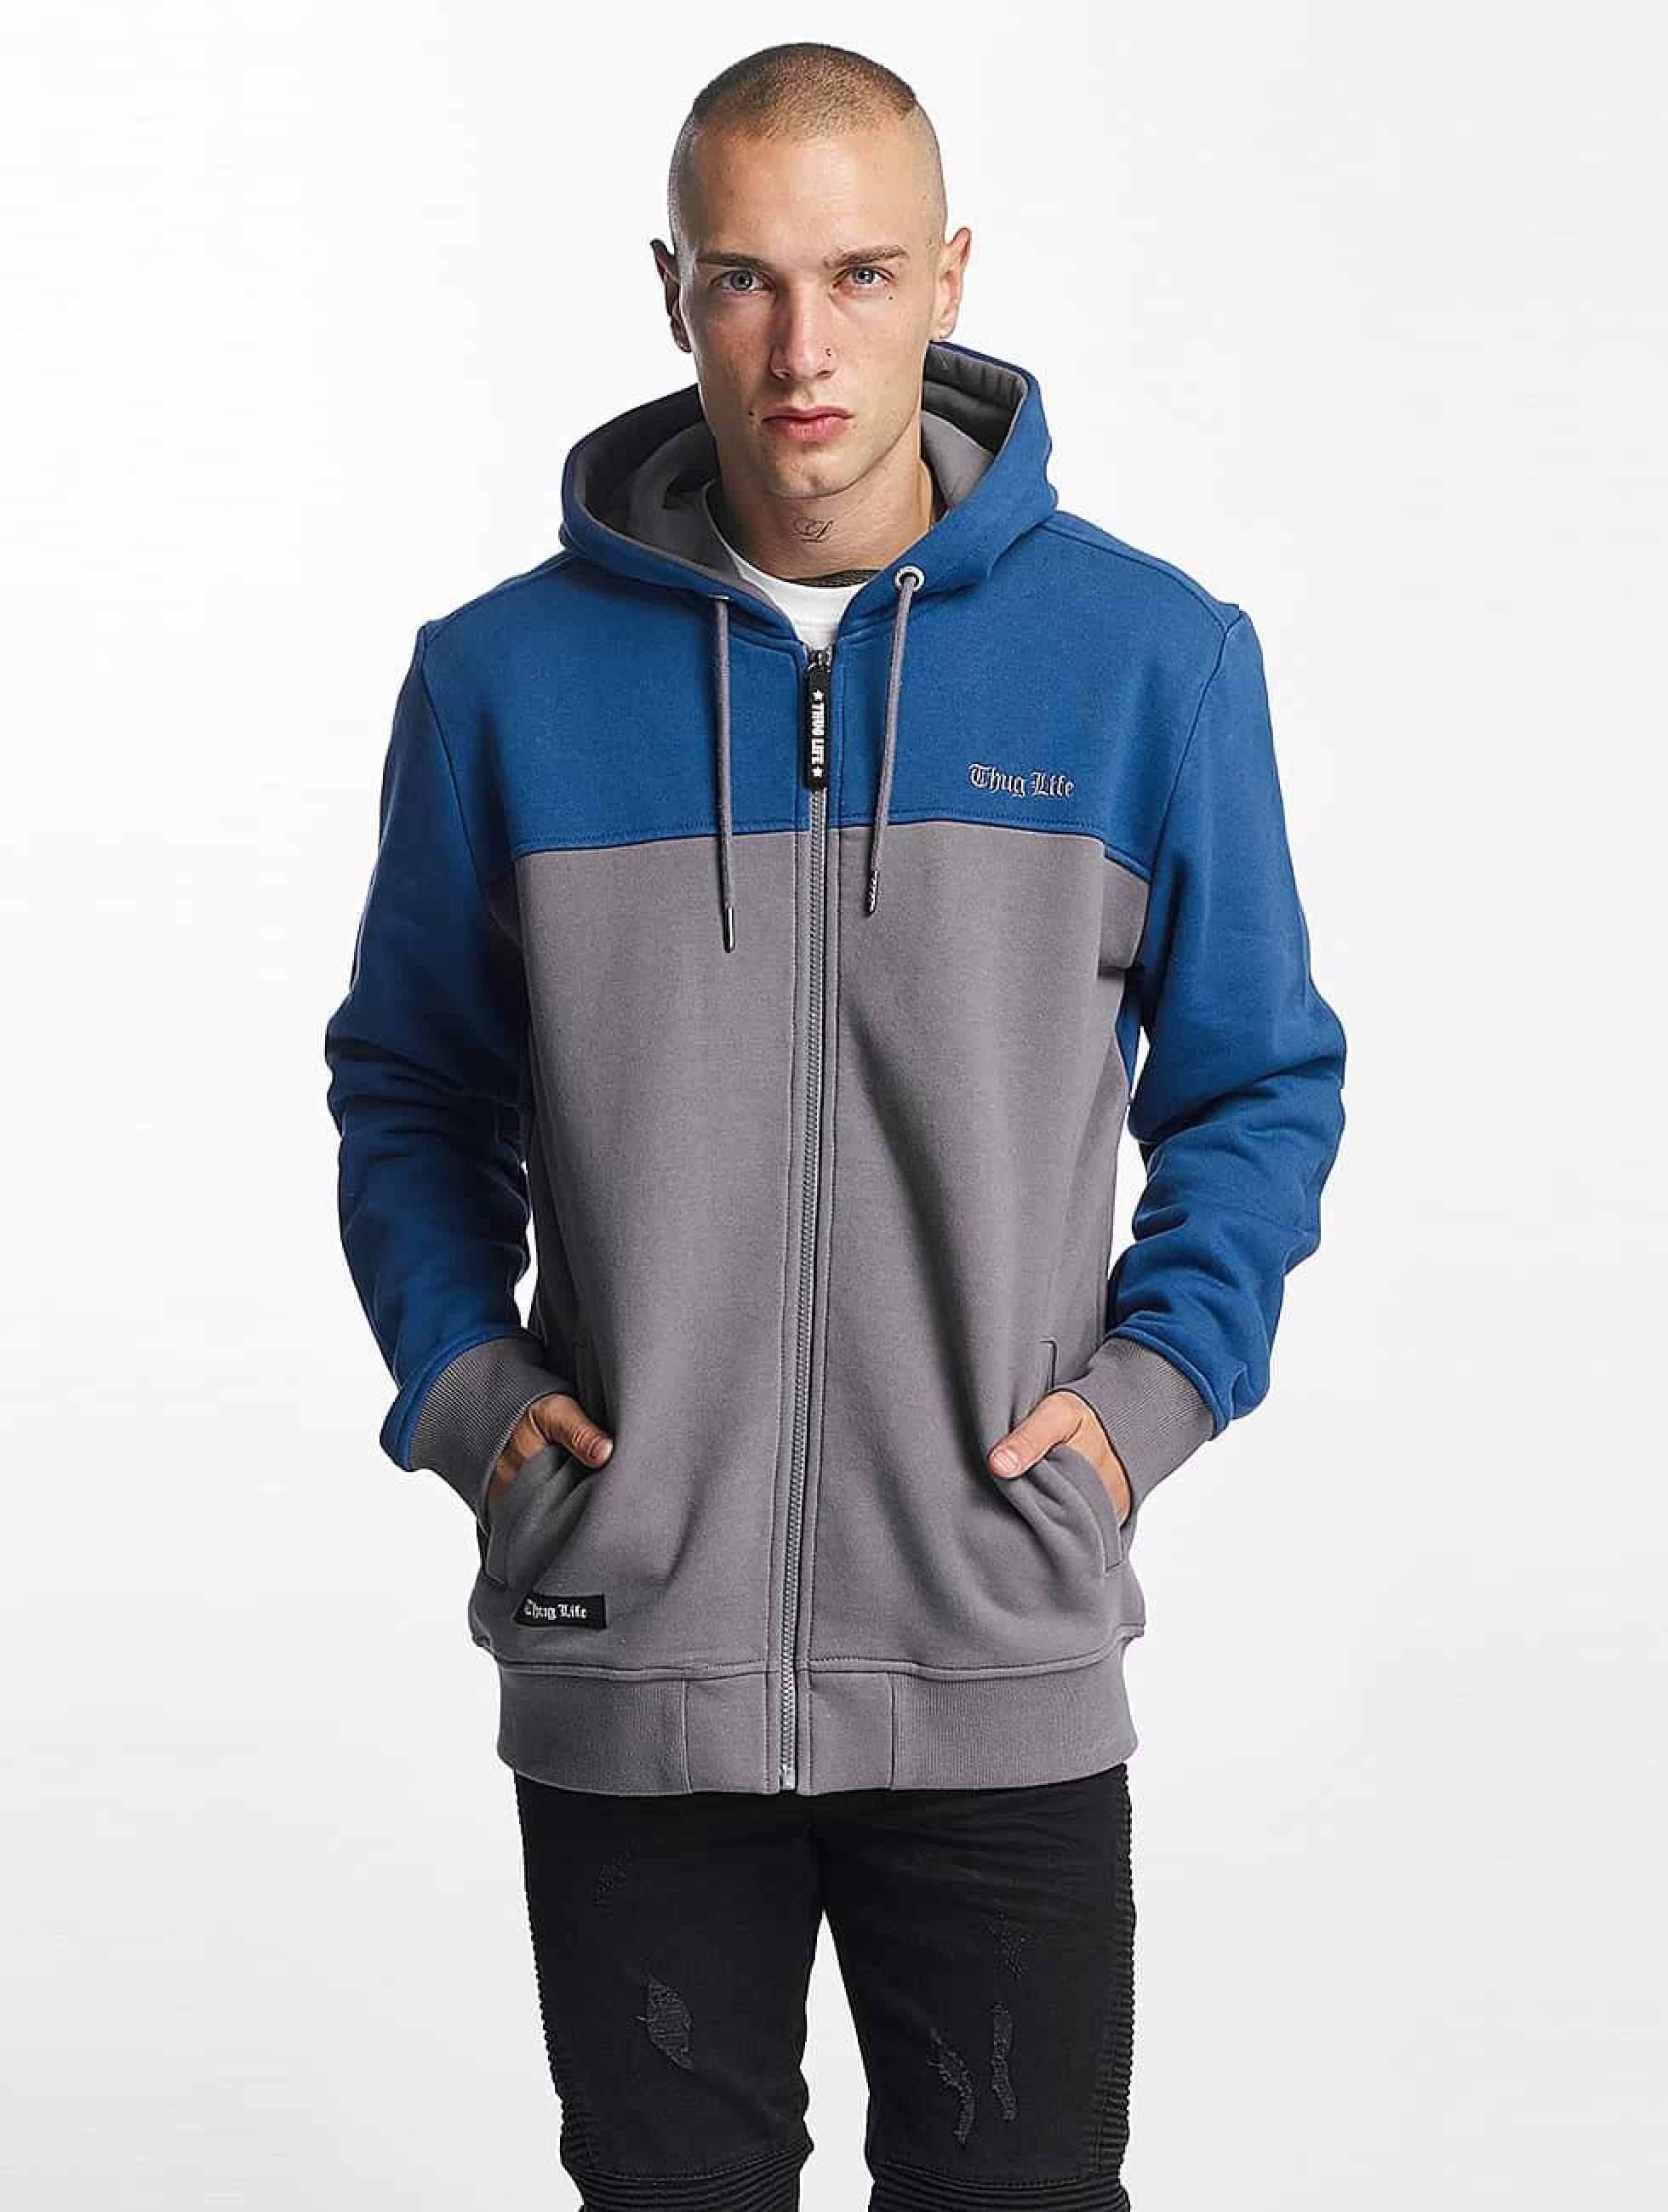 Thug Life / Zip Hoodie THGLFE in blue XL